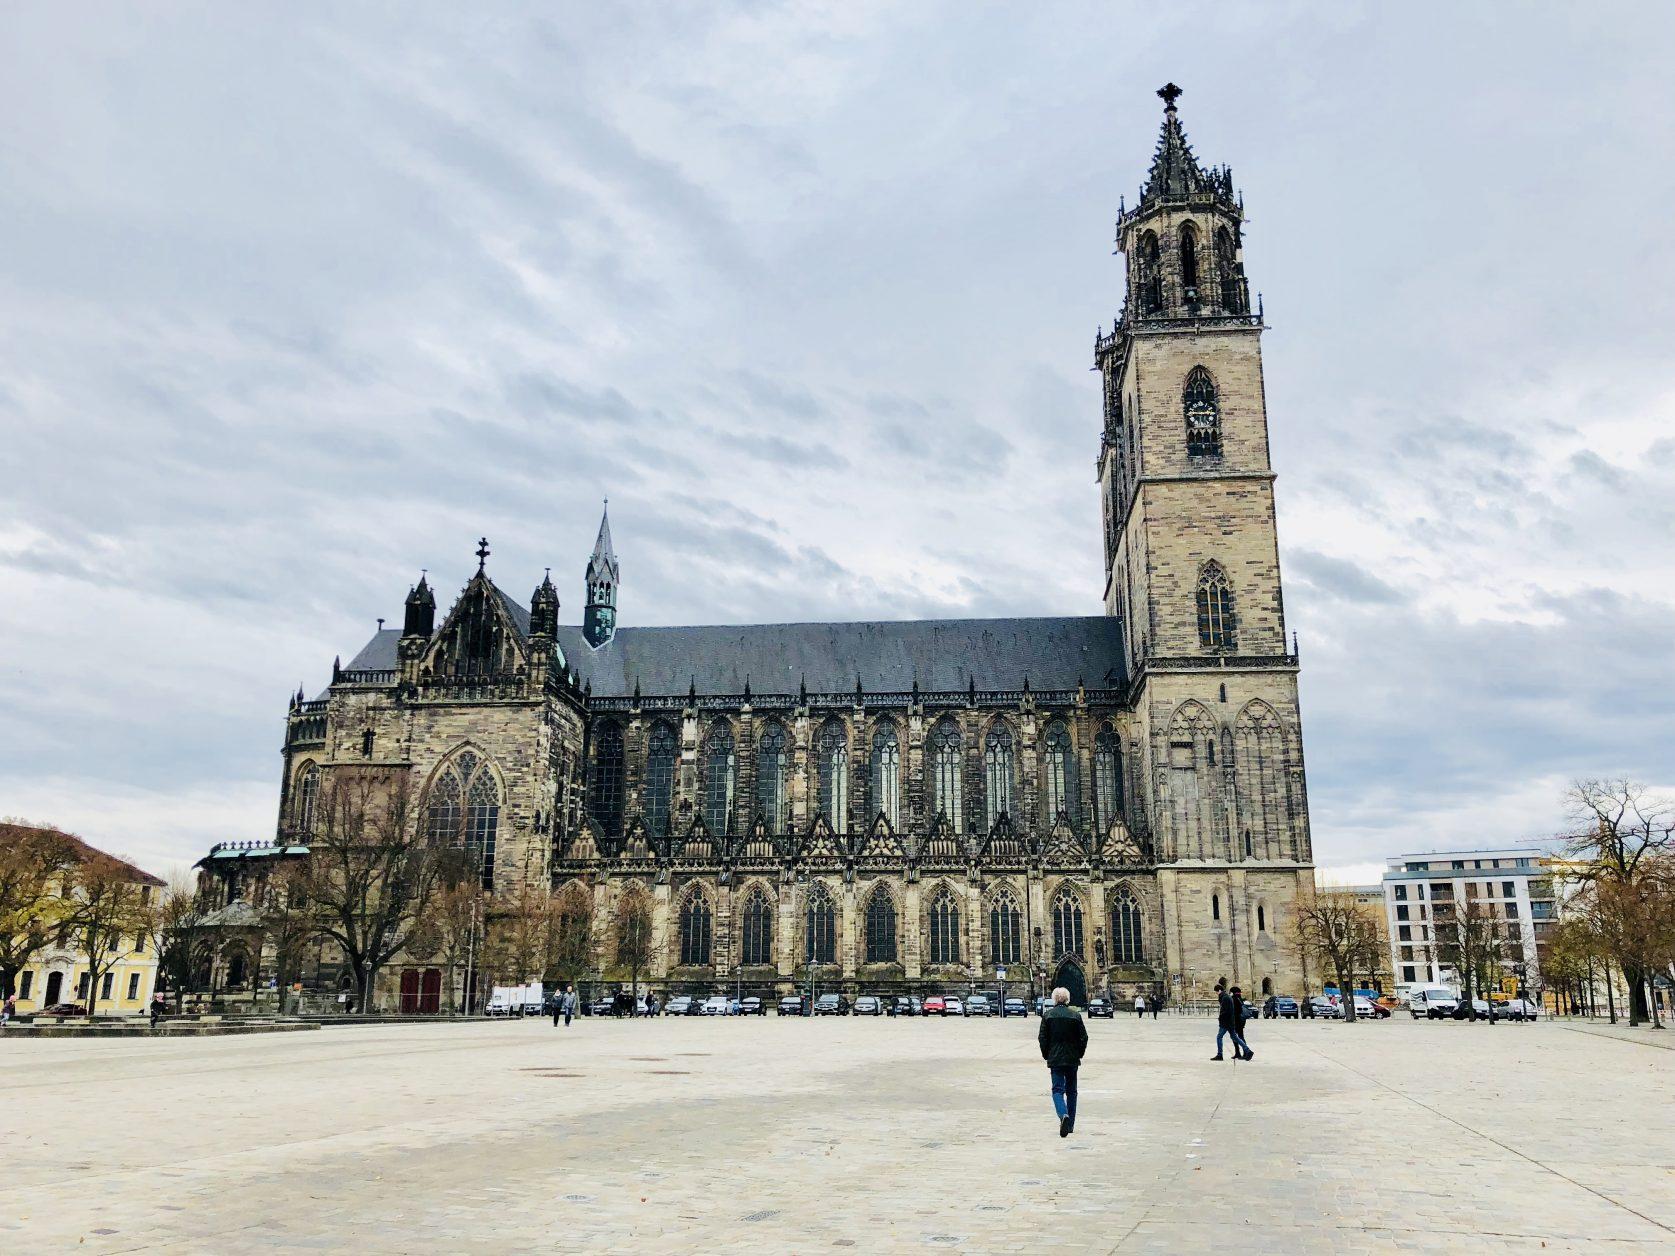 Der Magdeburger Dom ist die erste von Anfang an gotisch konzipierte und die am frühesten fertiggestellte Kathedrale der Gotik auf deutschem Boden, Foto: Weirauch